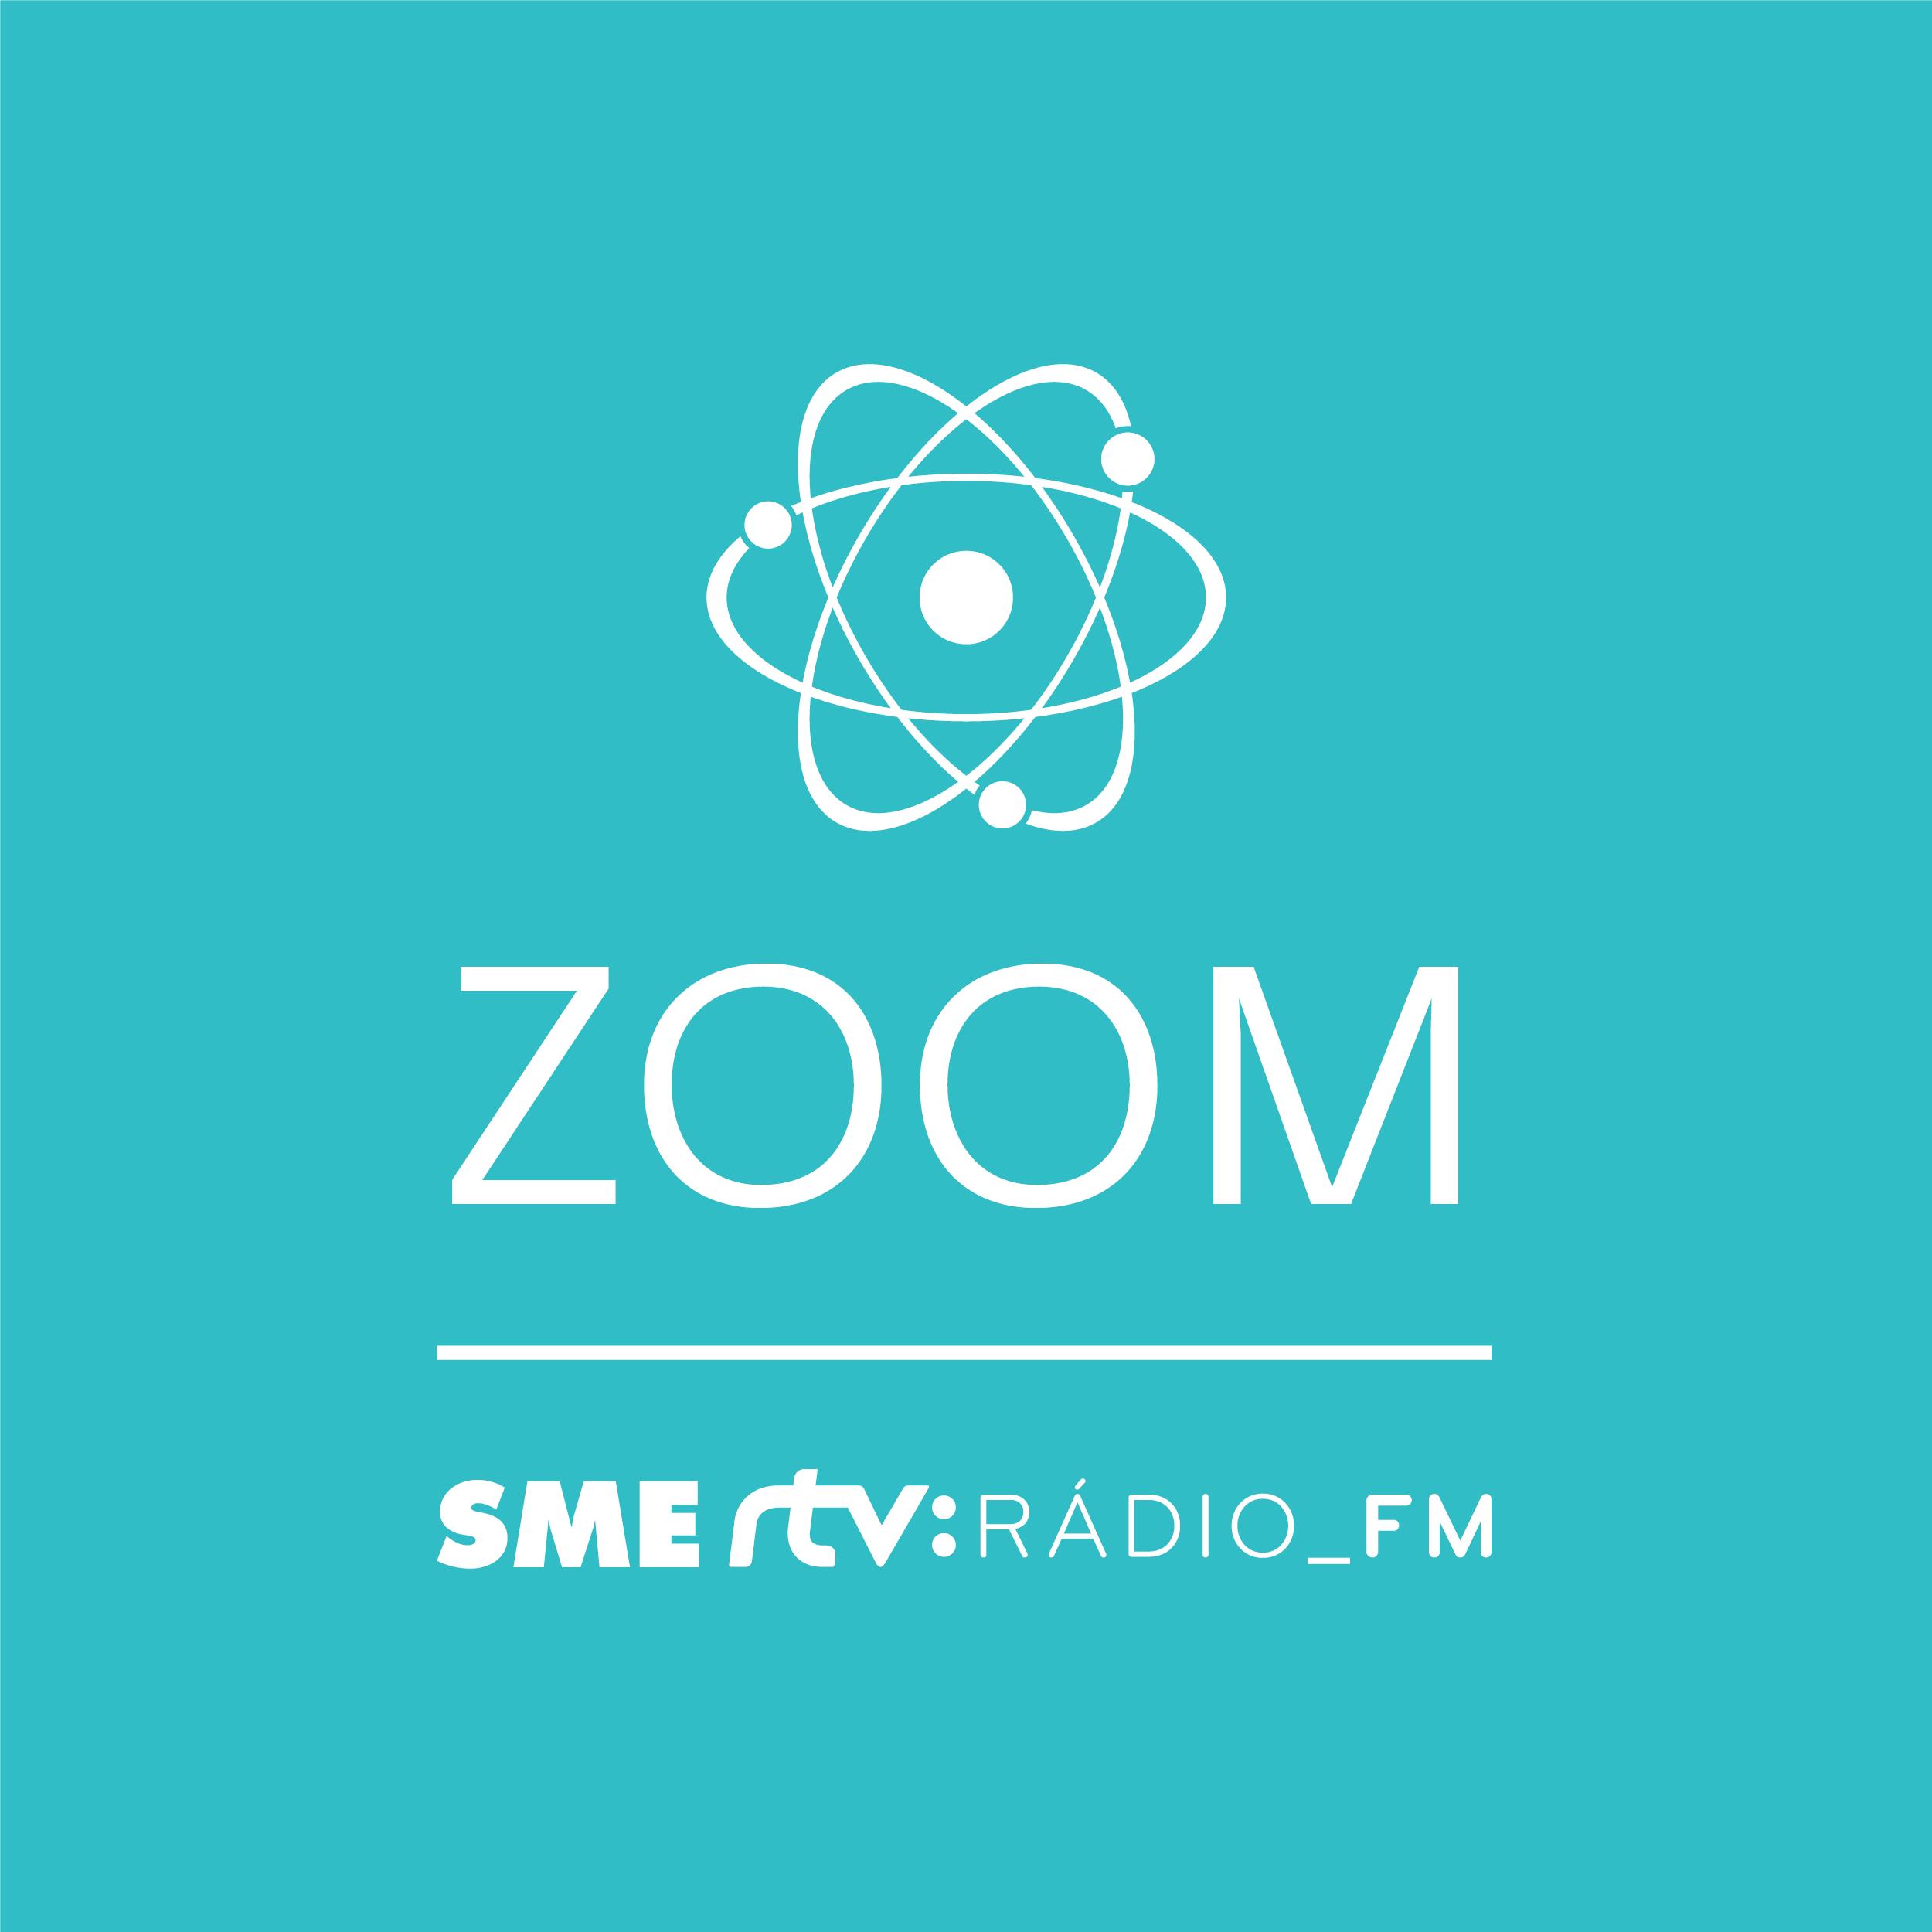 Špeciálny podcast: Toto je najväčšia cesta v dejinách ľudstva